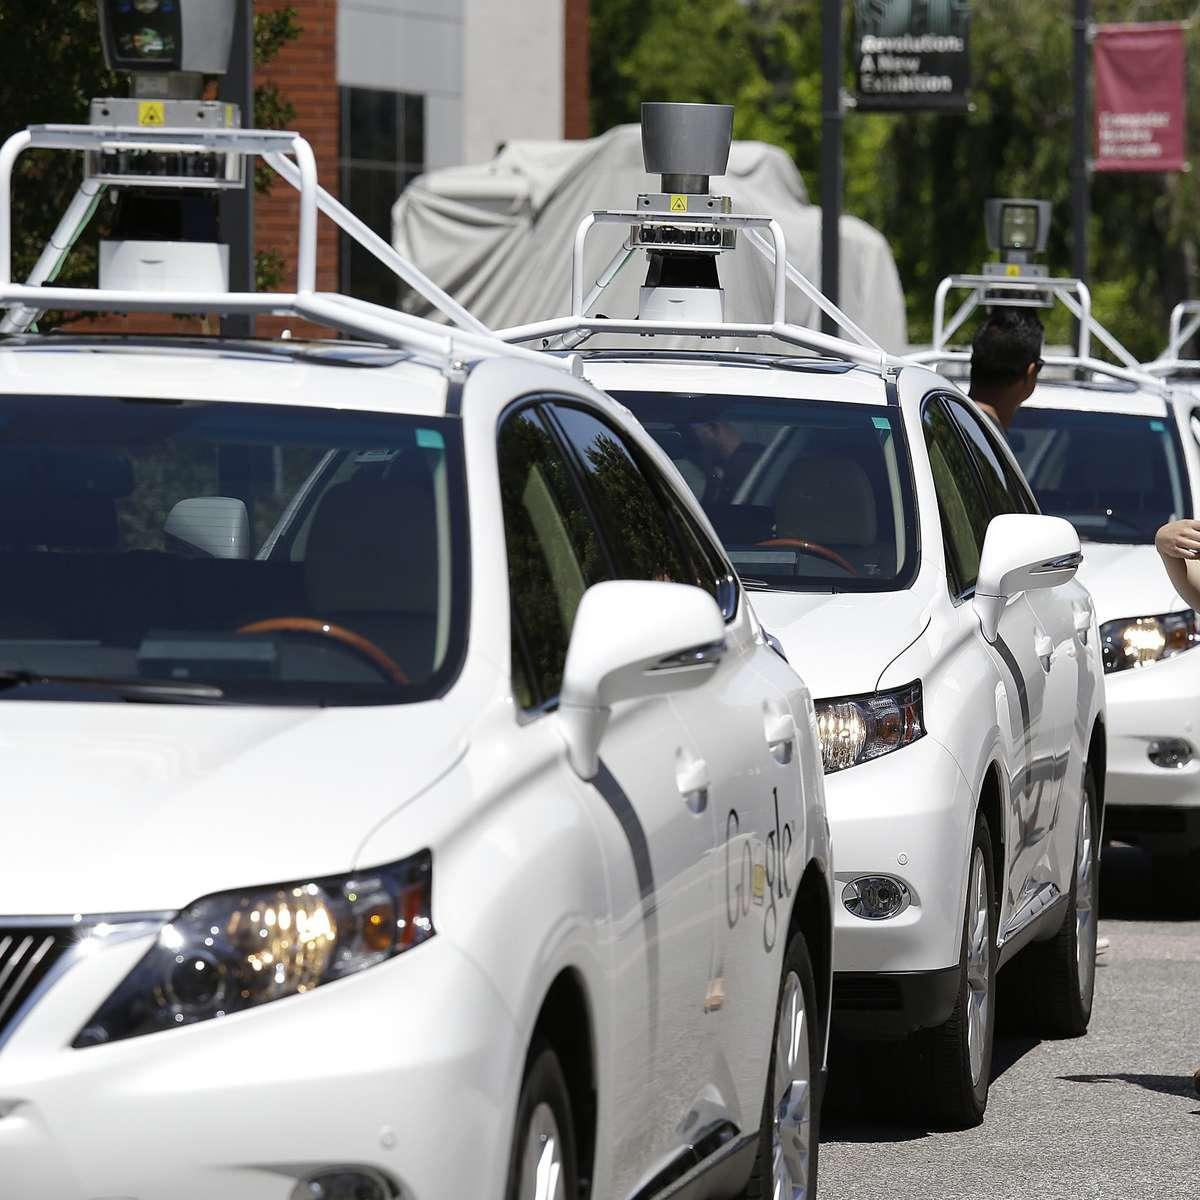 driverless_cars-accid_mill.jpg